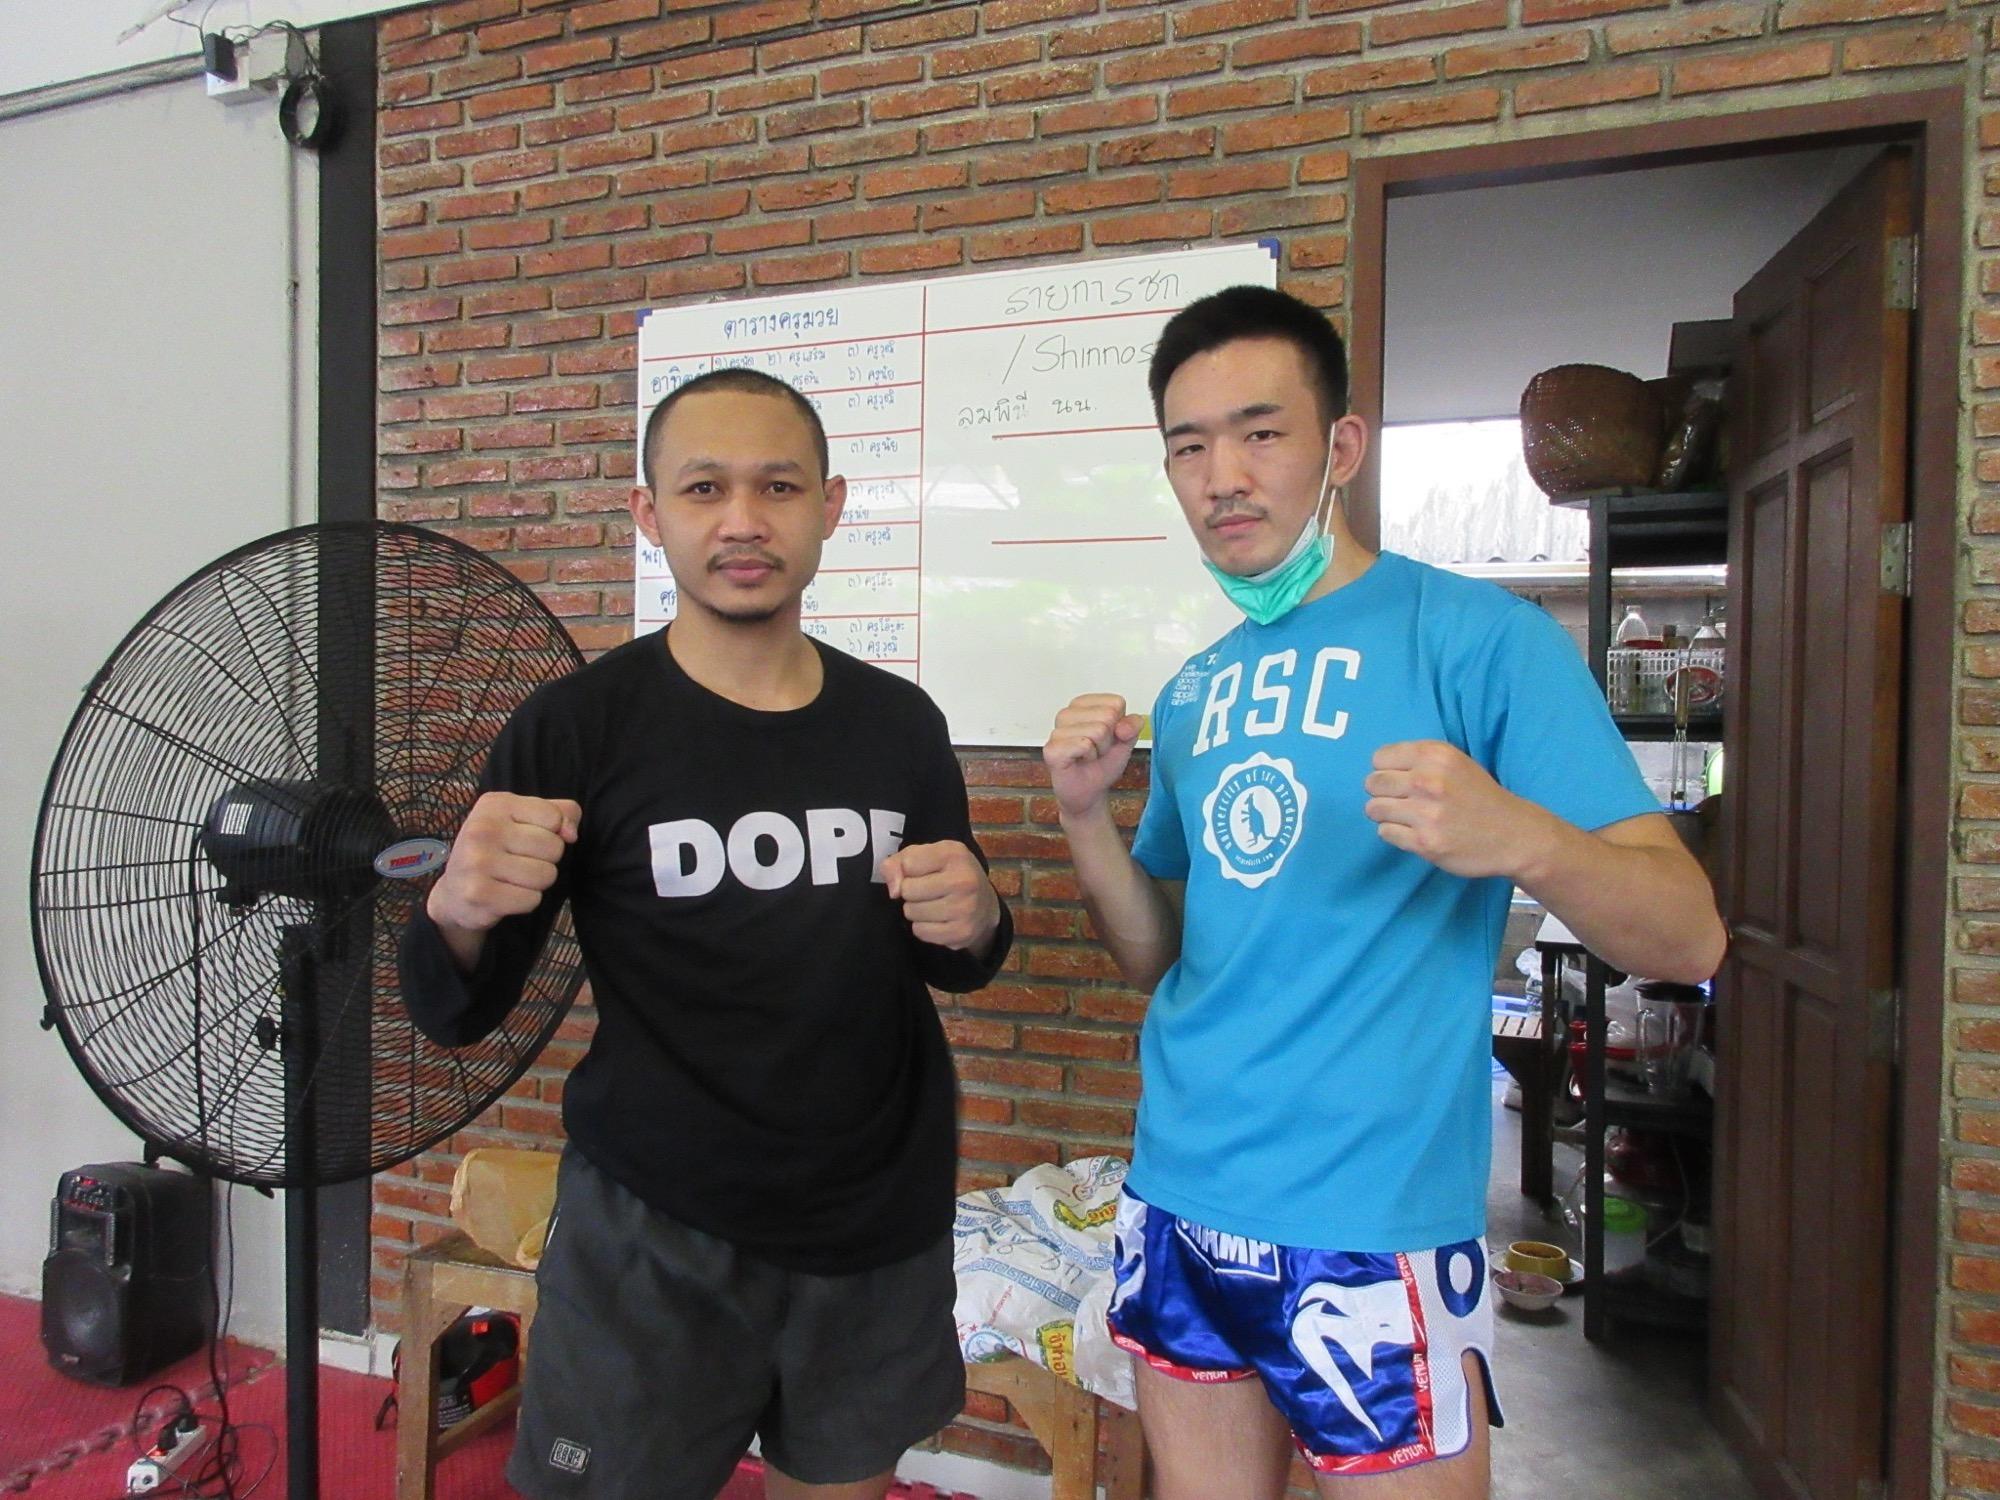 アウェーで40戦、タイ、カンボジアで連戦のムエタイファイター中村慎之介選手 画像7|rsc products公式ウェブサイト